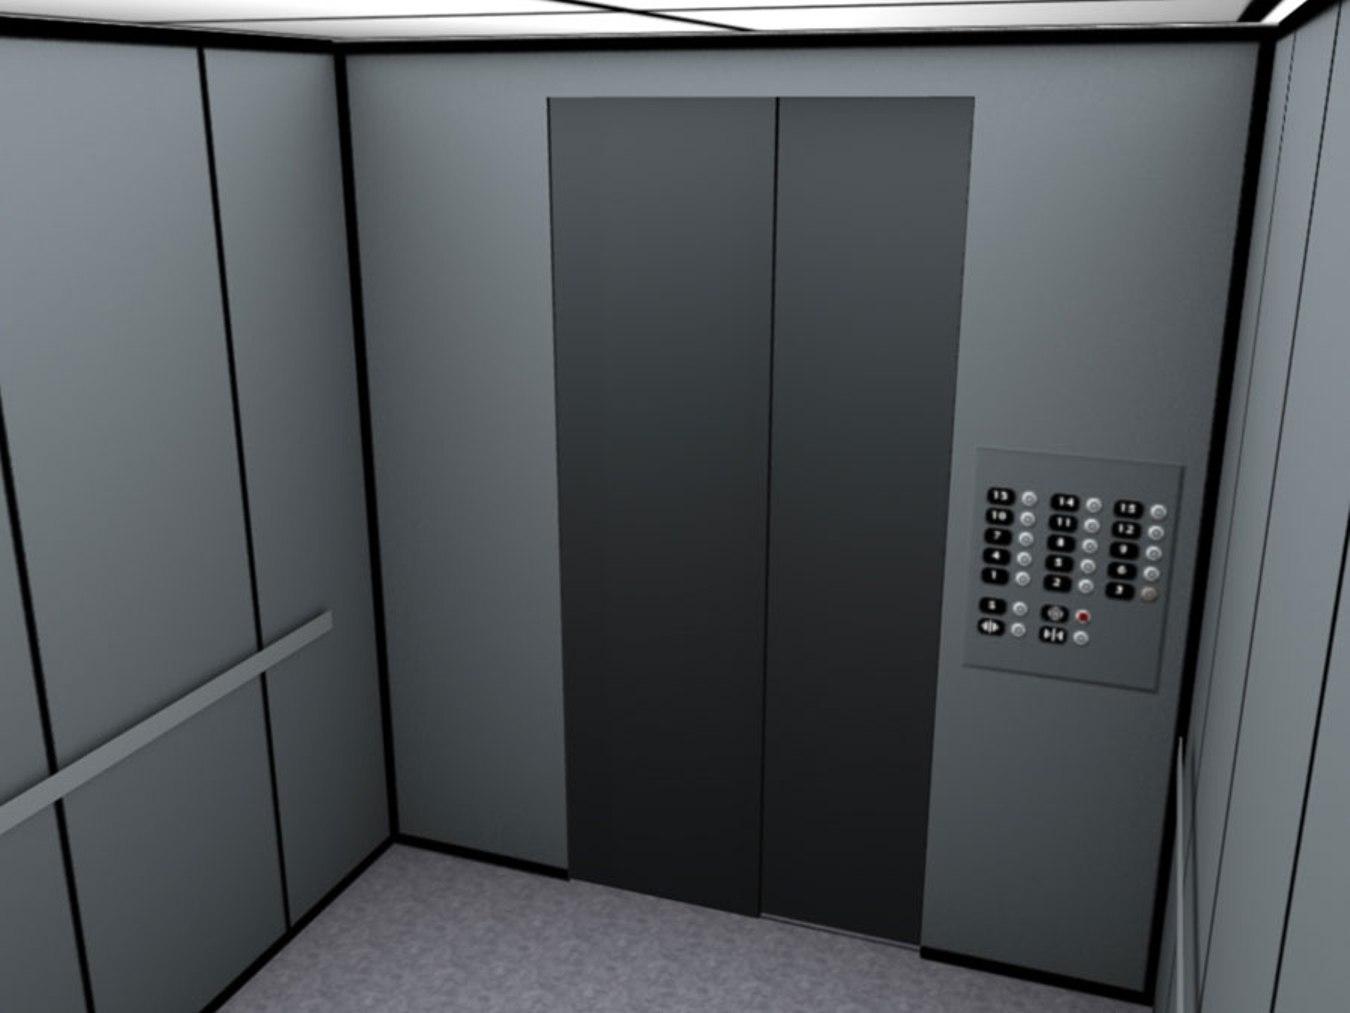 درآمد کشور از صادرات آسانسور چقدر است؟